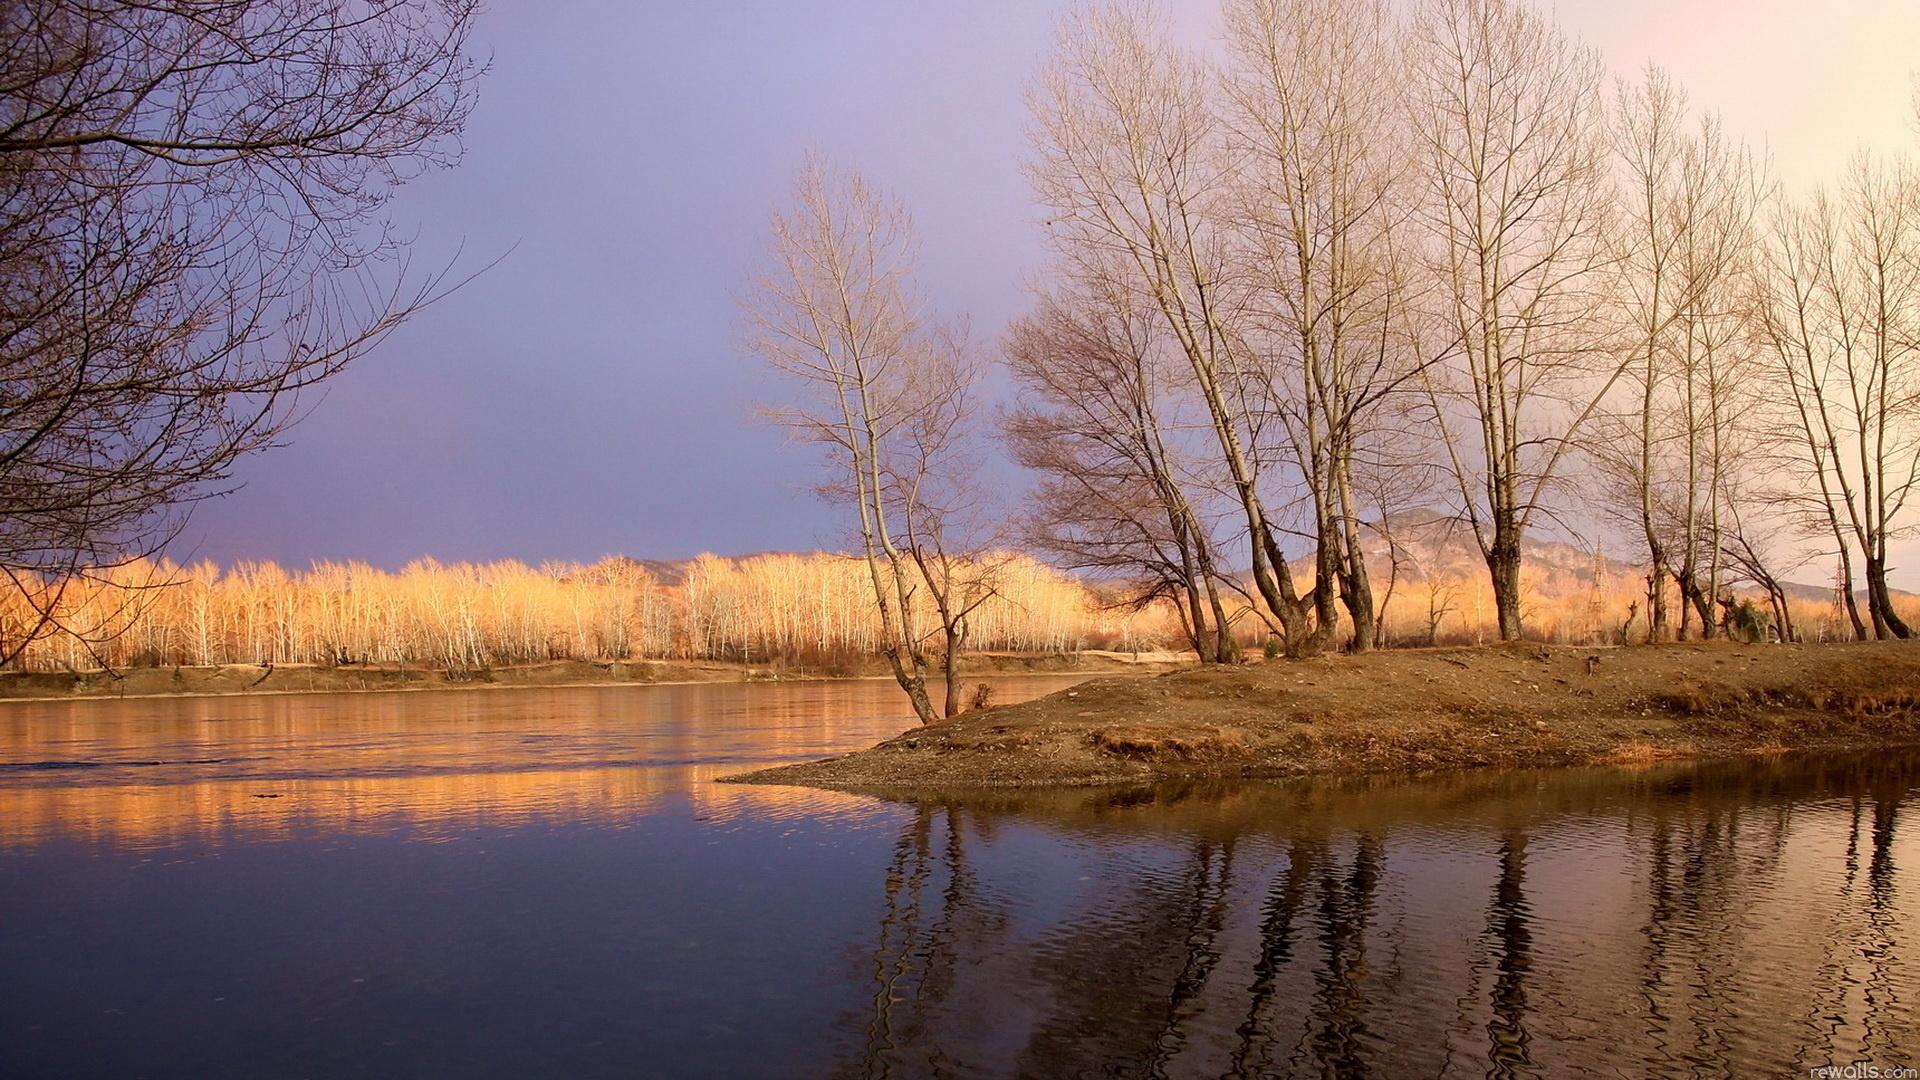 27339 скачать обои Пейзаж, Река, Деревья - заставки и картинки бесплатно